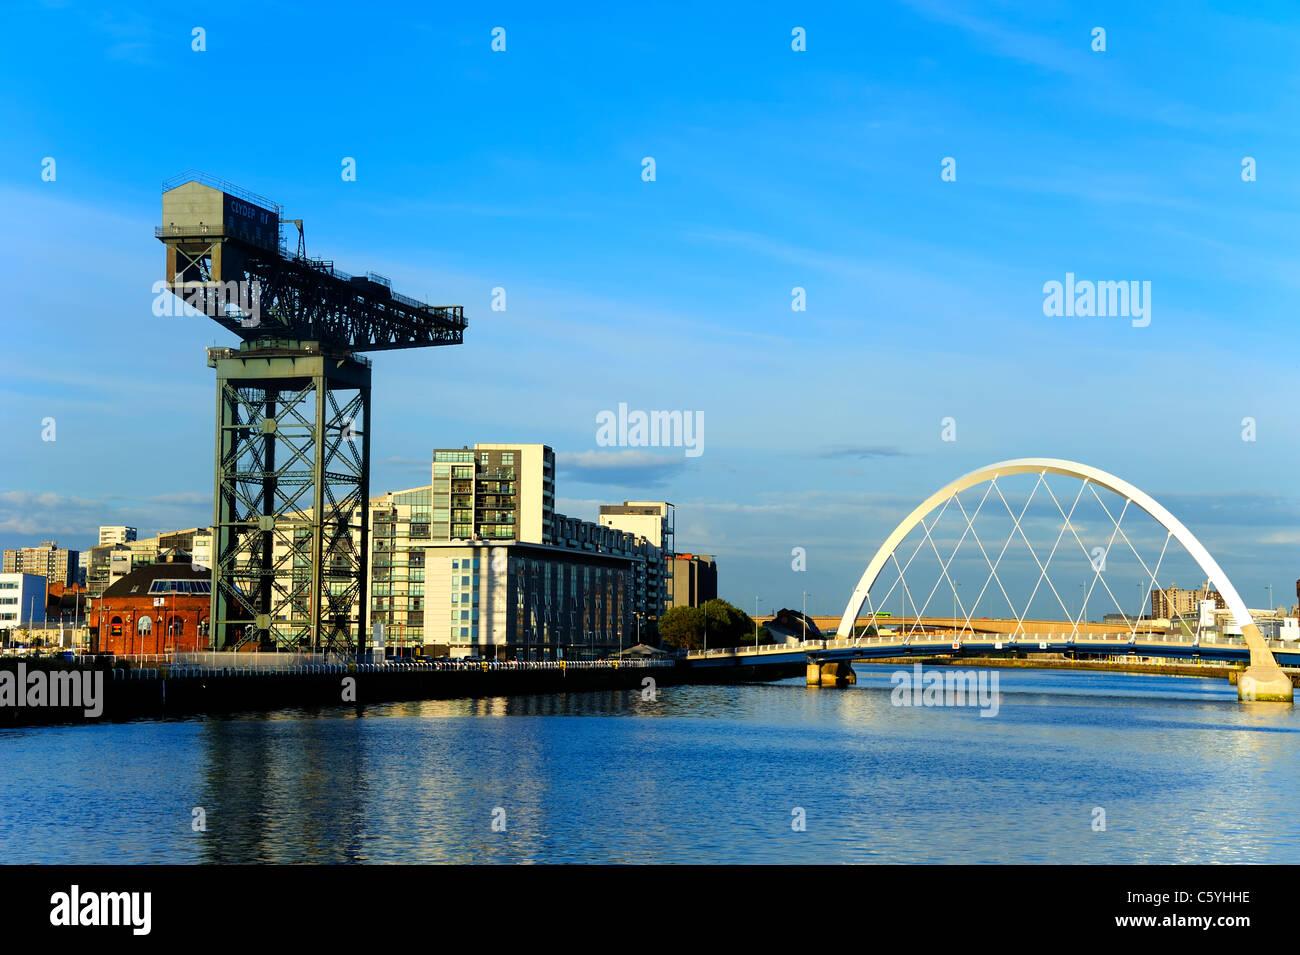 L'Finnieston Crane et le Clyde Arc, plus de la Clyde, Glasgow Banque D'Images